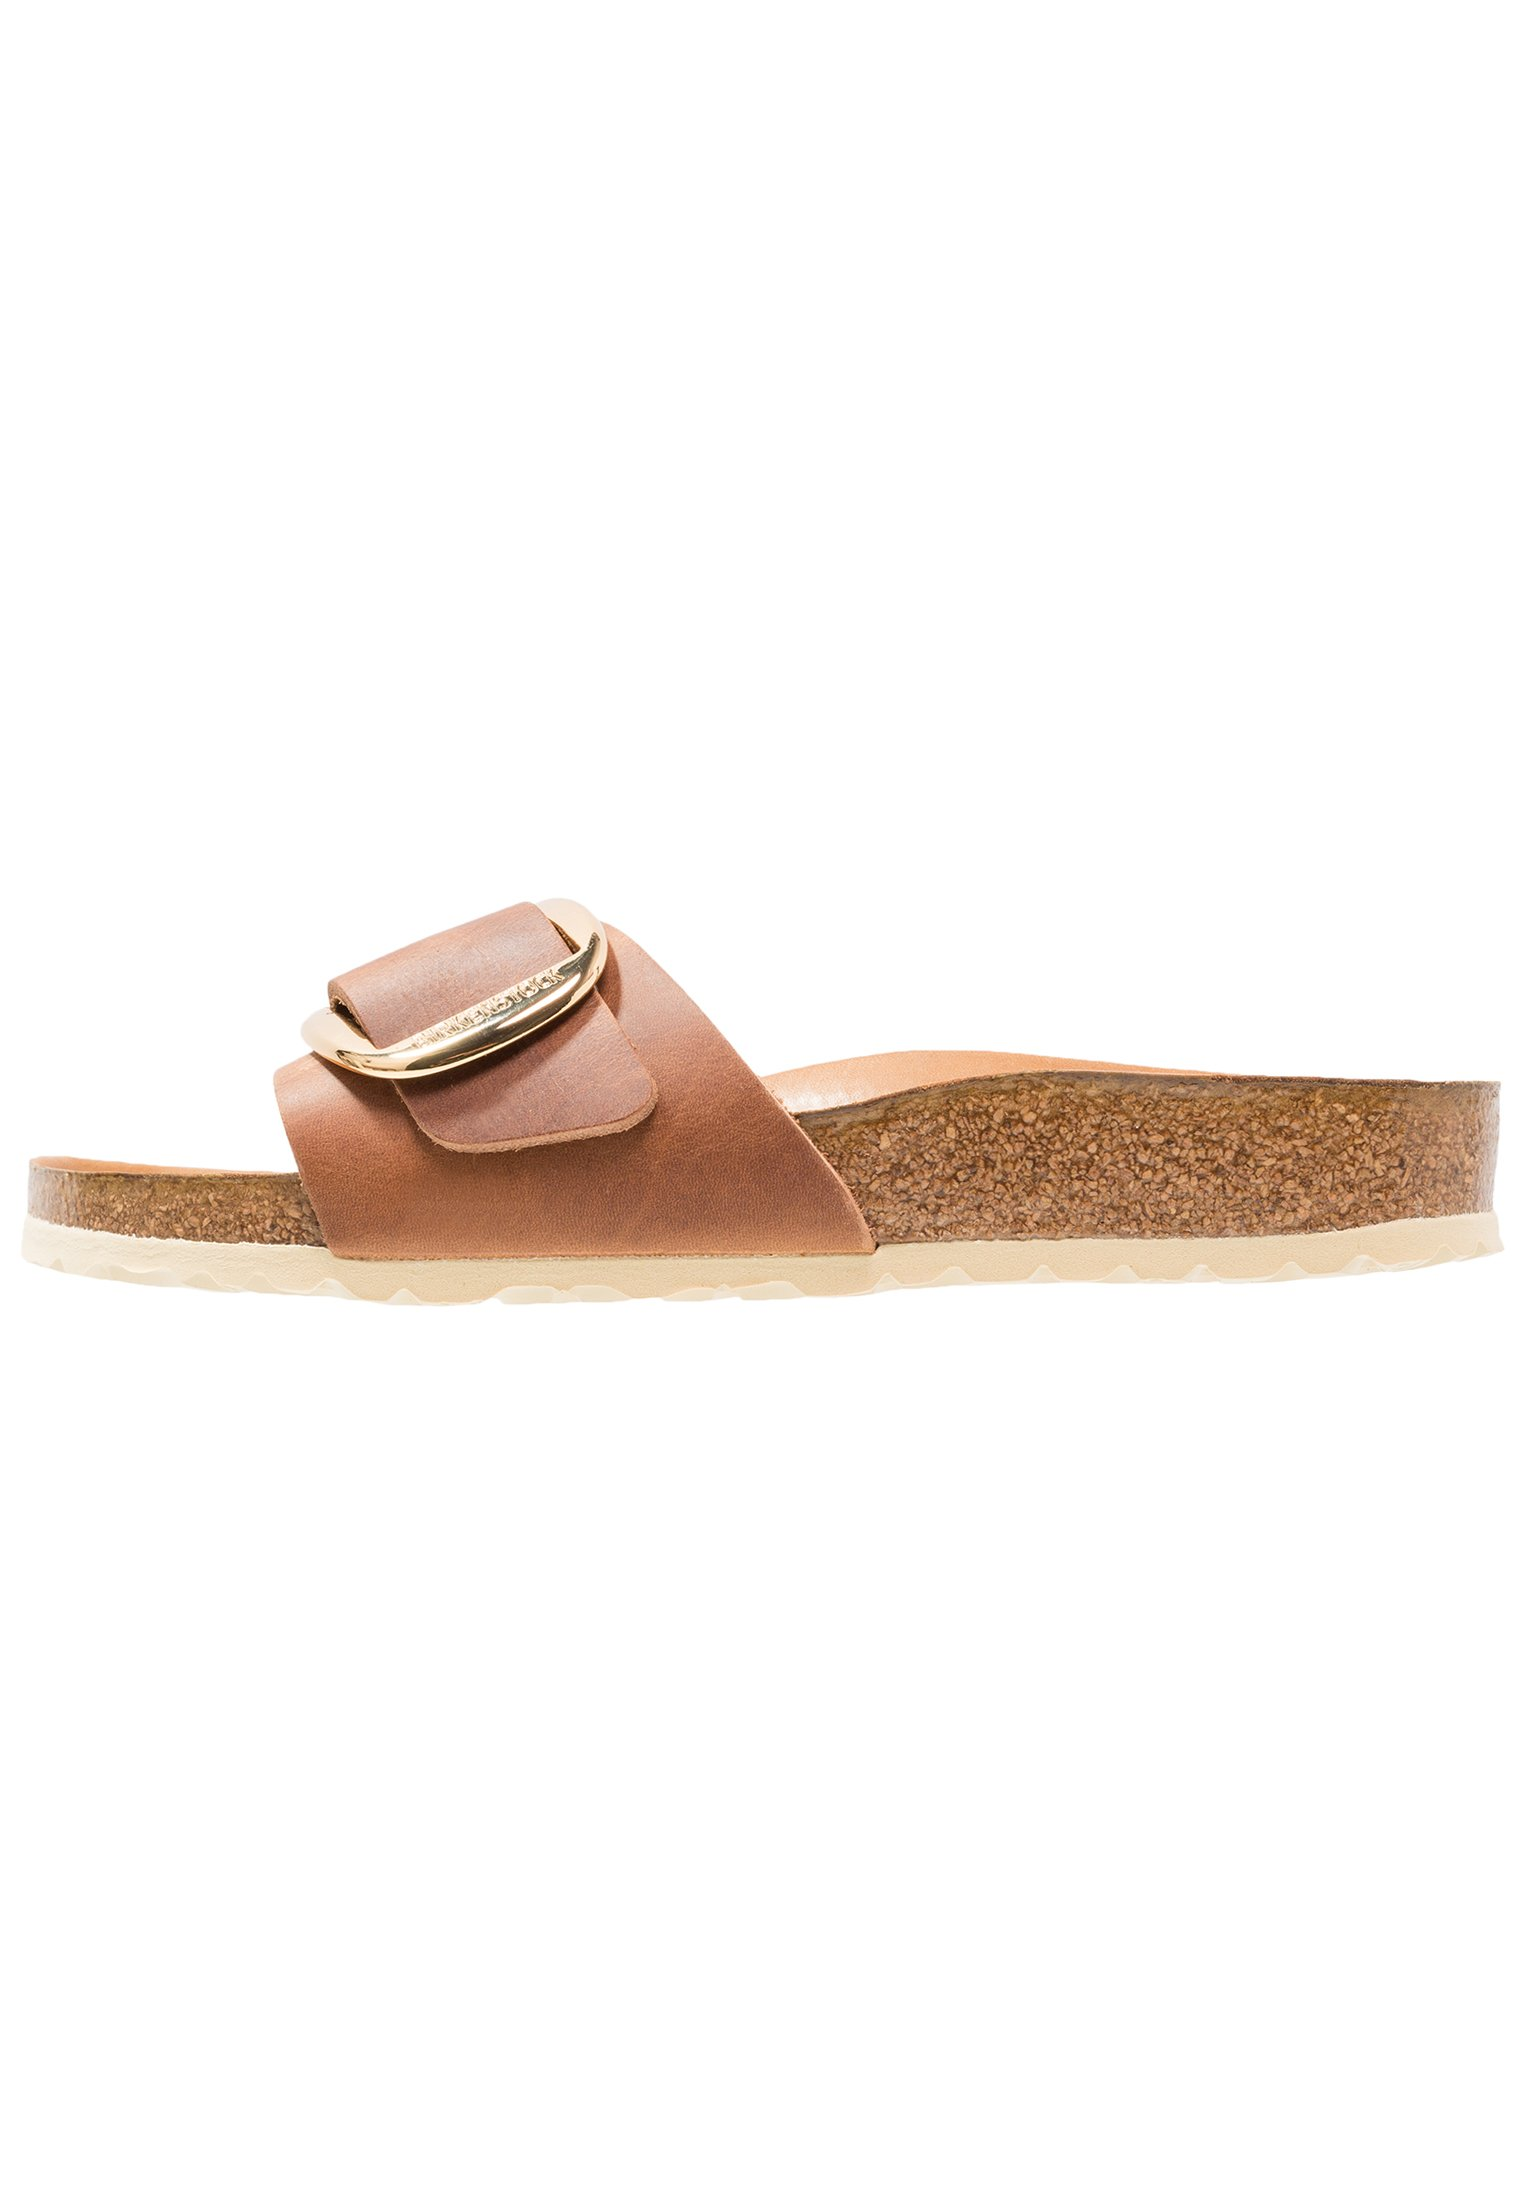 Schuhe für Damen versandkostenfrei kaufen| ZALANDO